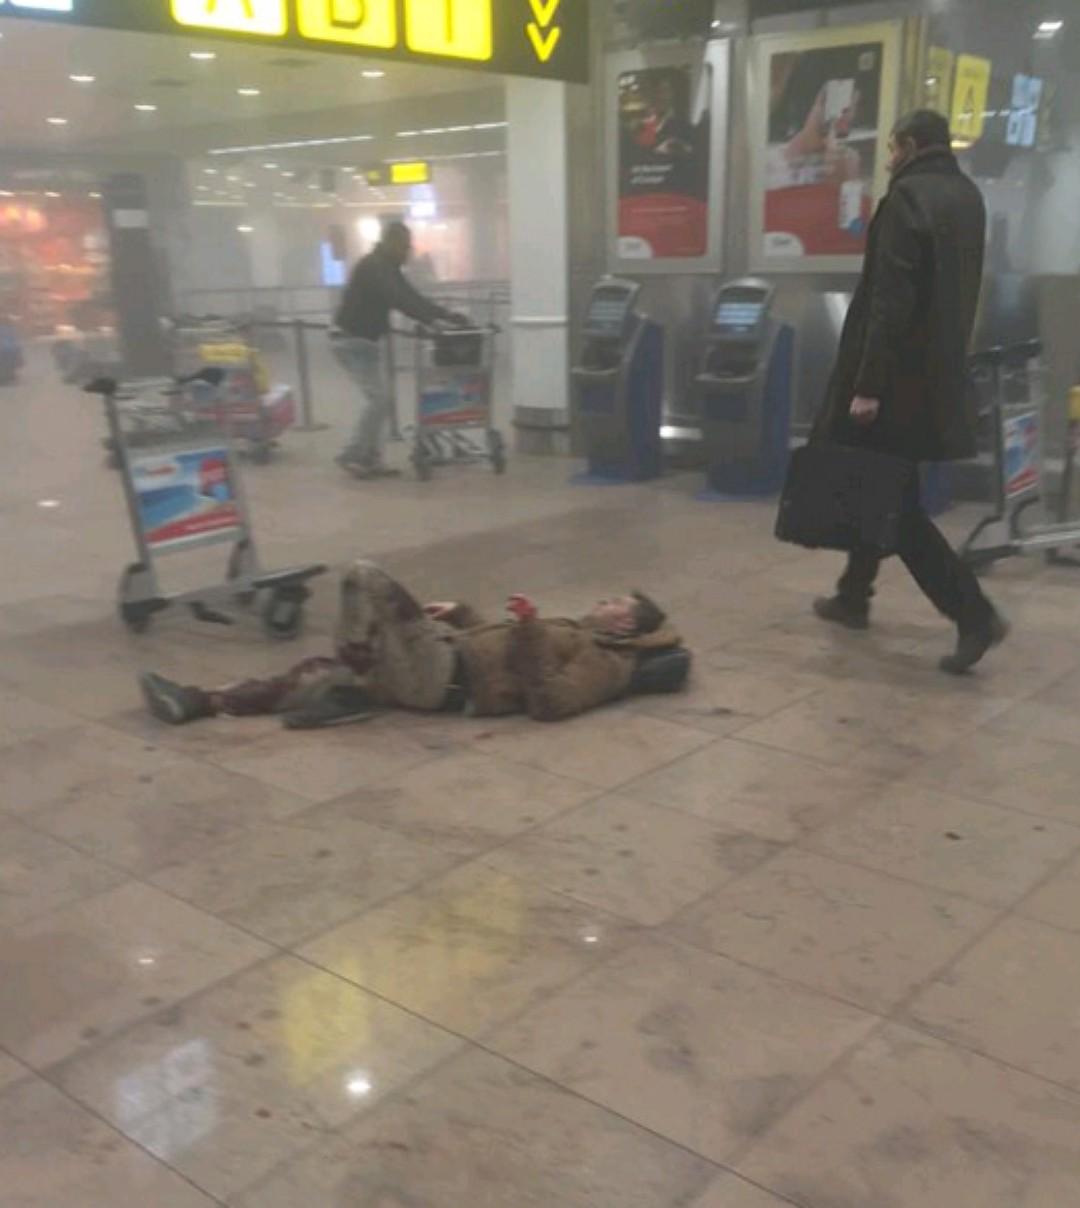 ФОТО, ВИДЕО: Взрывы в аэропорту Брюсселя: 17 погибших